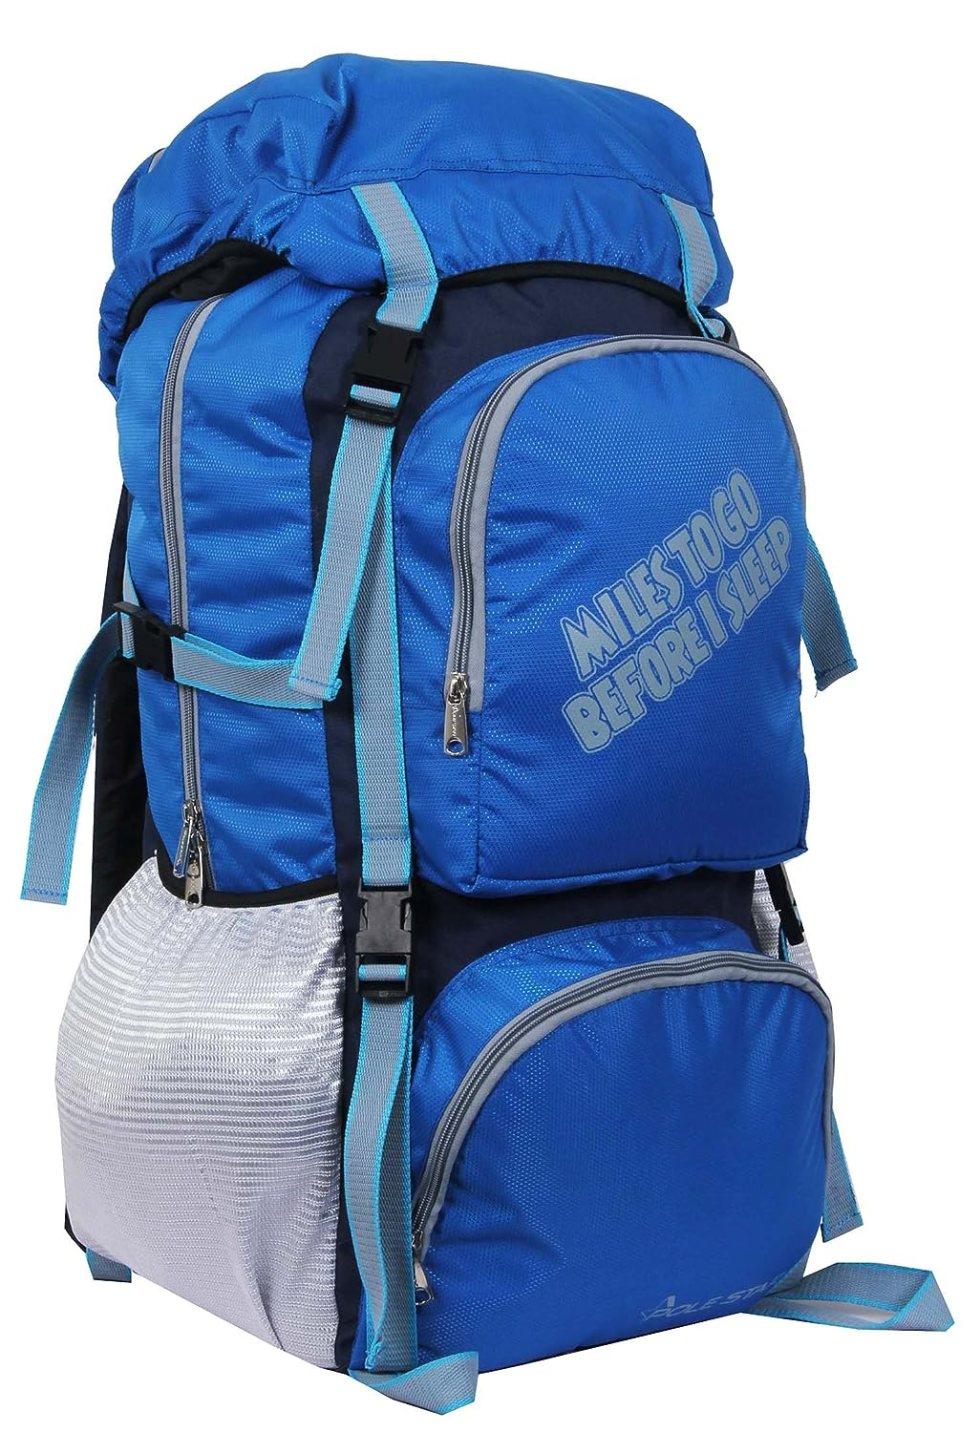 Rocky Polyester Travel Bag 60 Lt Royal Blue Weekend Backpack Bag